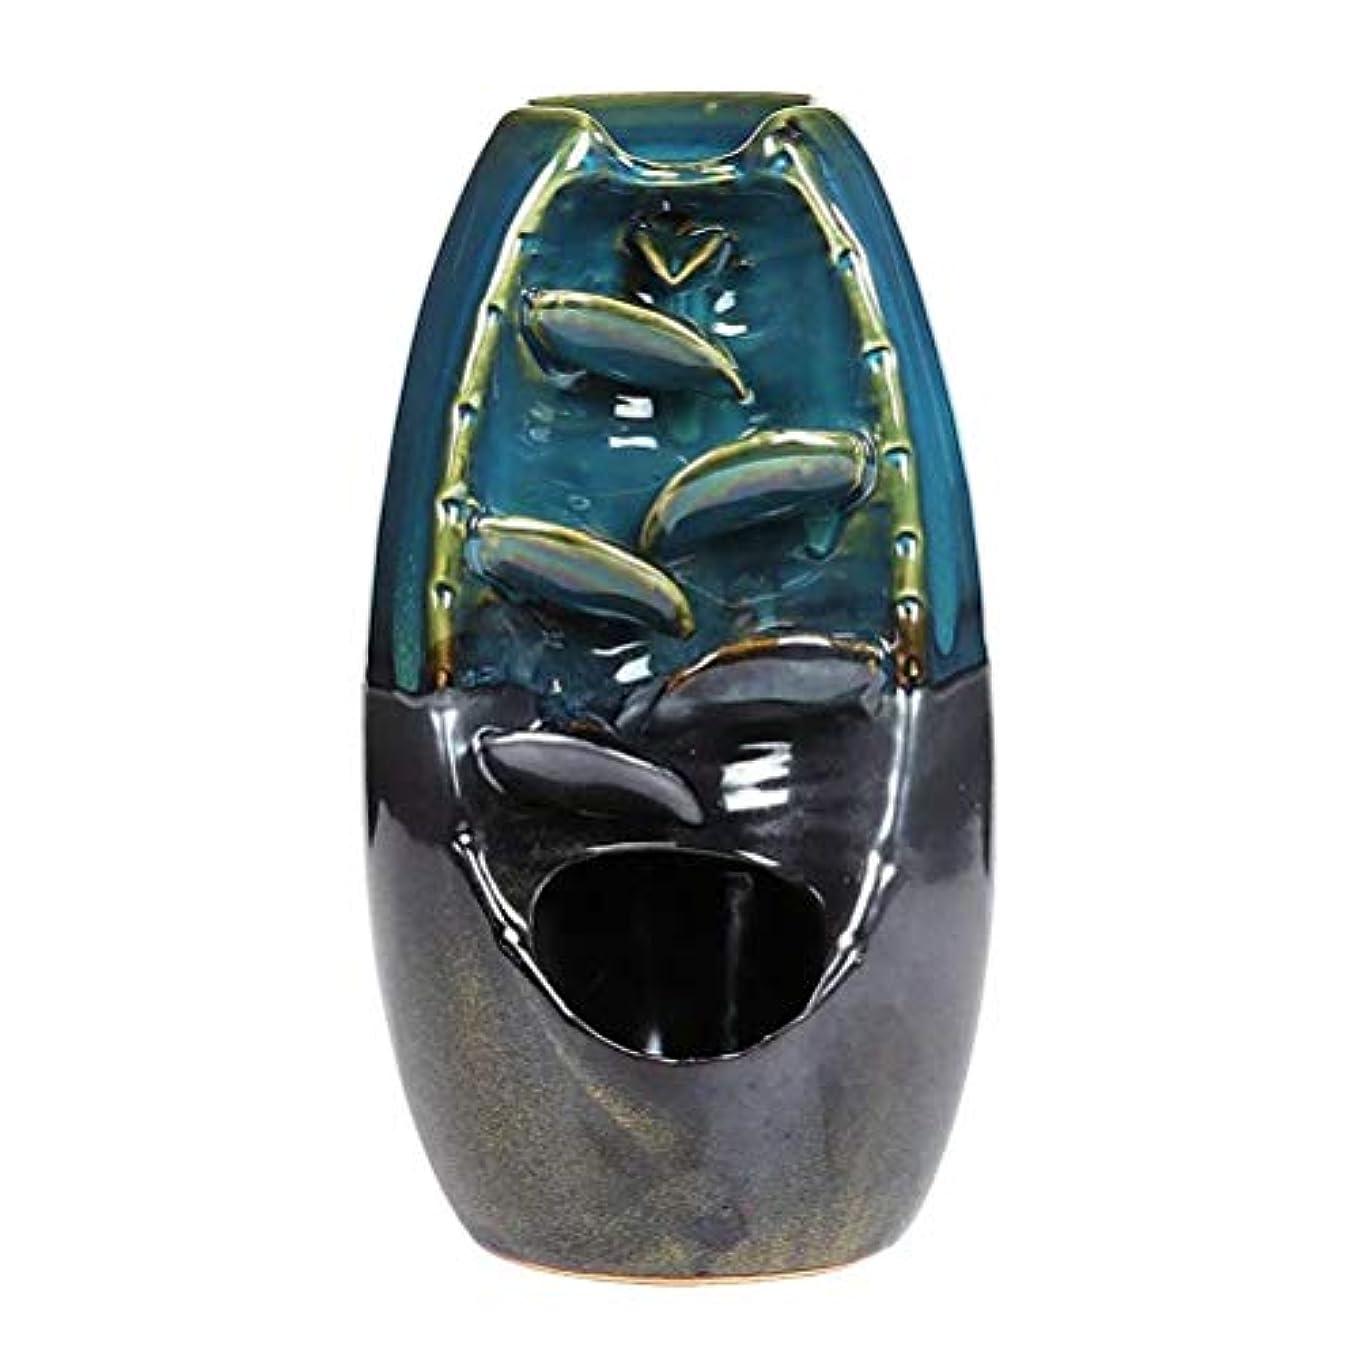 哲学博士からに変化する請うVosarea 逆流香バーナー滝香ホルダーアロマ飾り仏教用品(青)